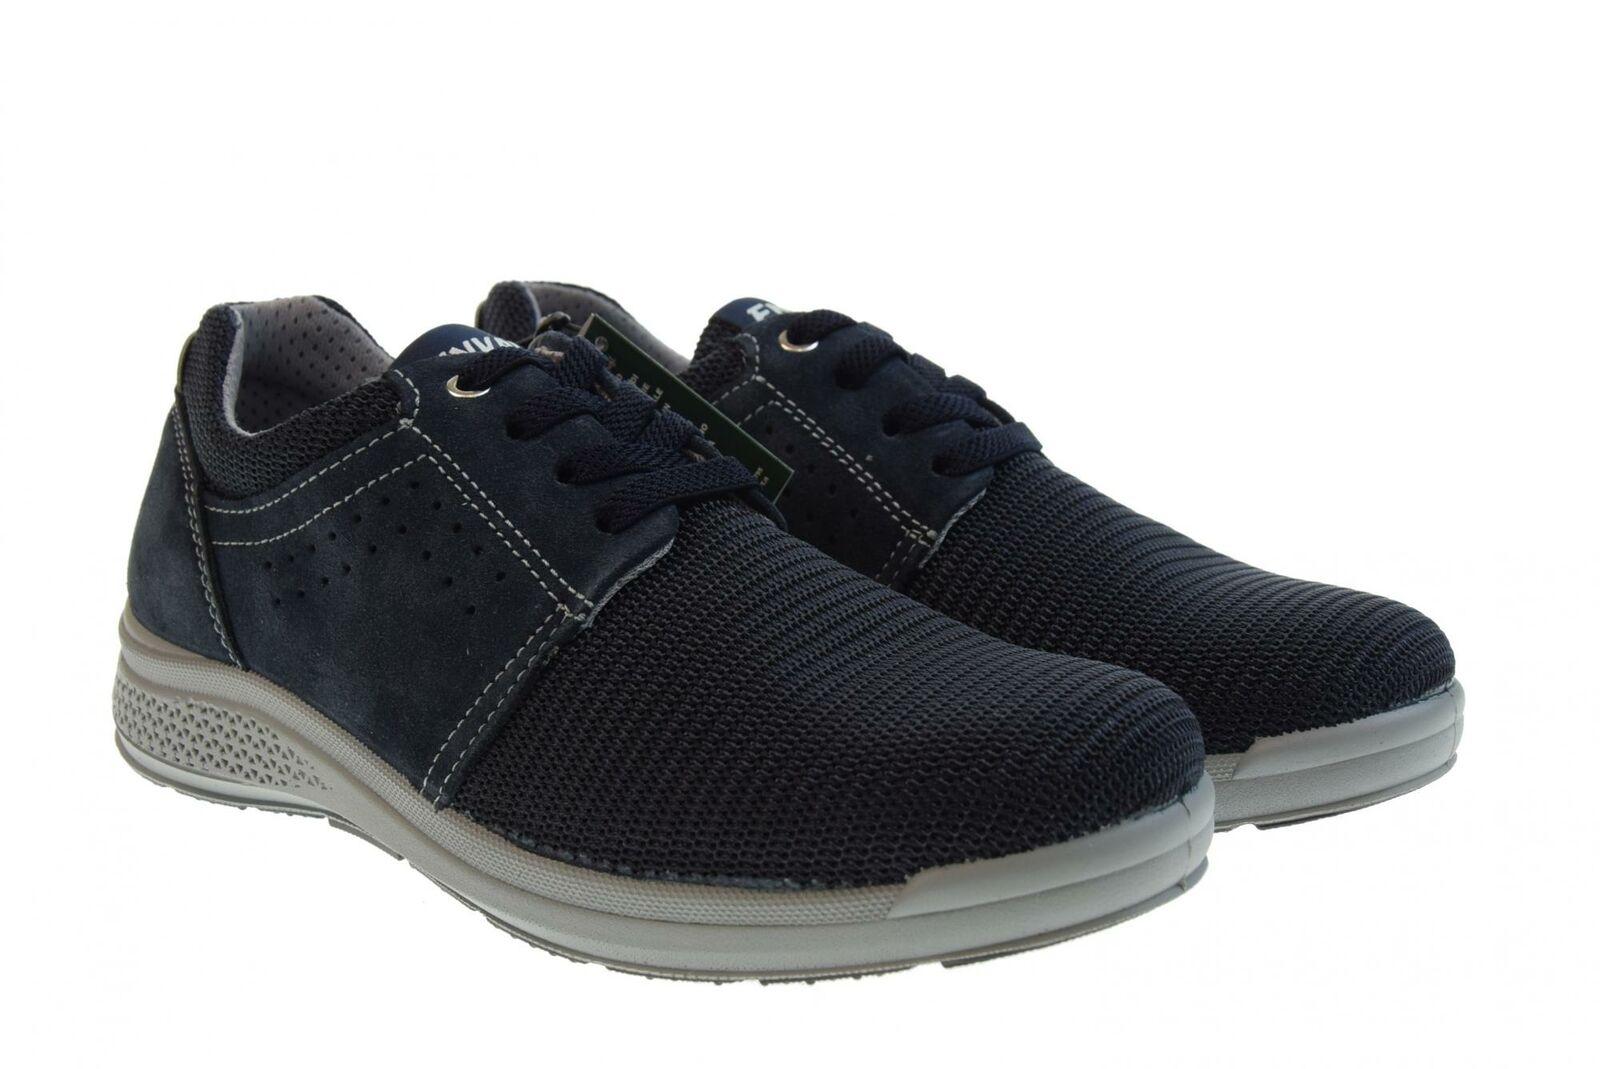 Enval Soft P19f zapatos hombres low zapatillas 3240800 azul